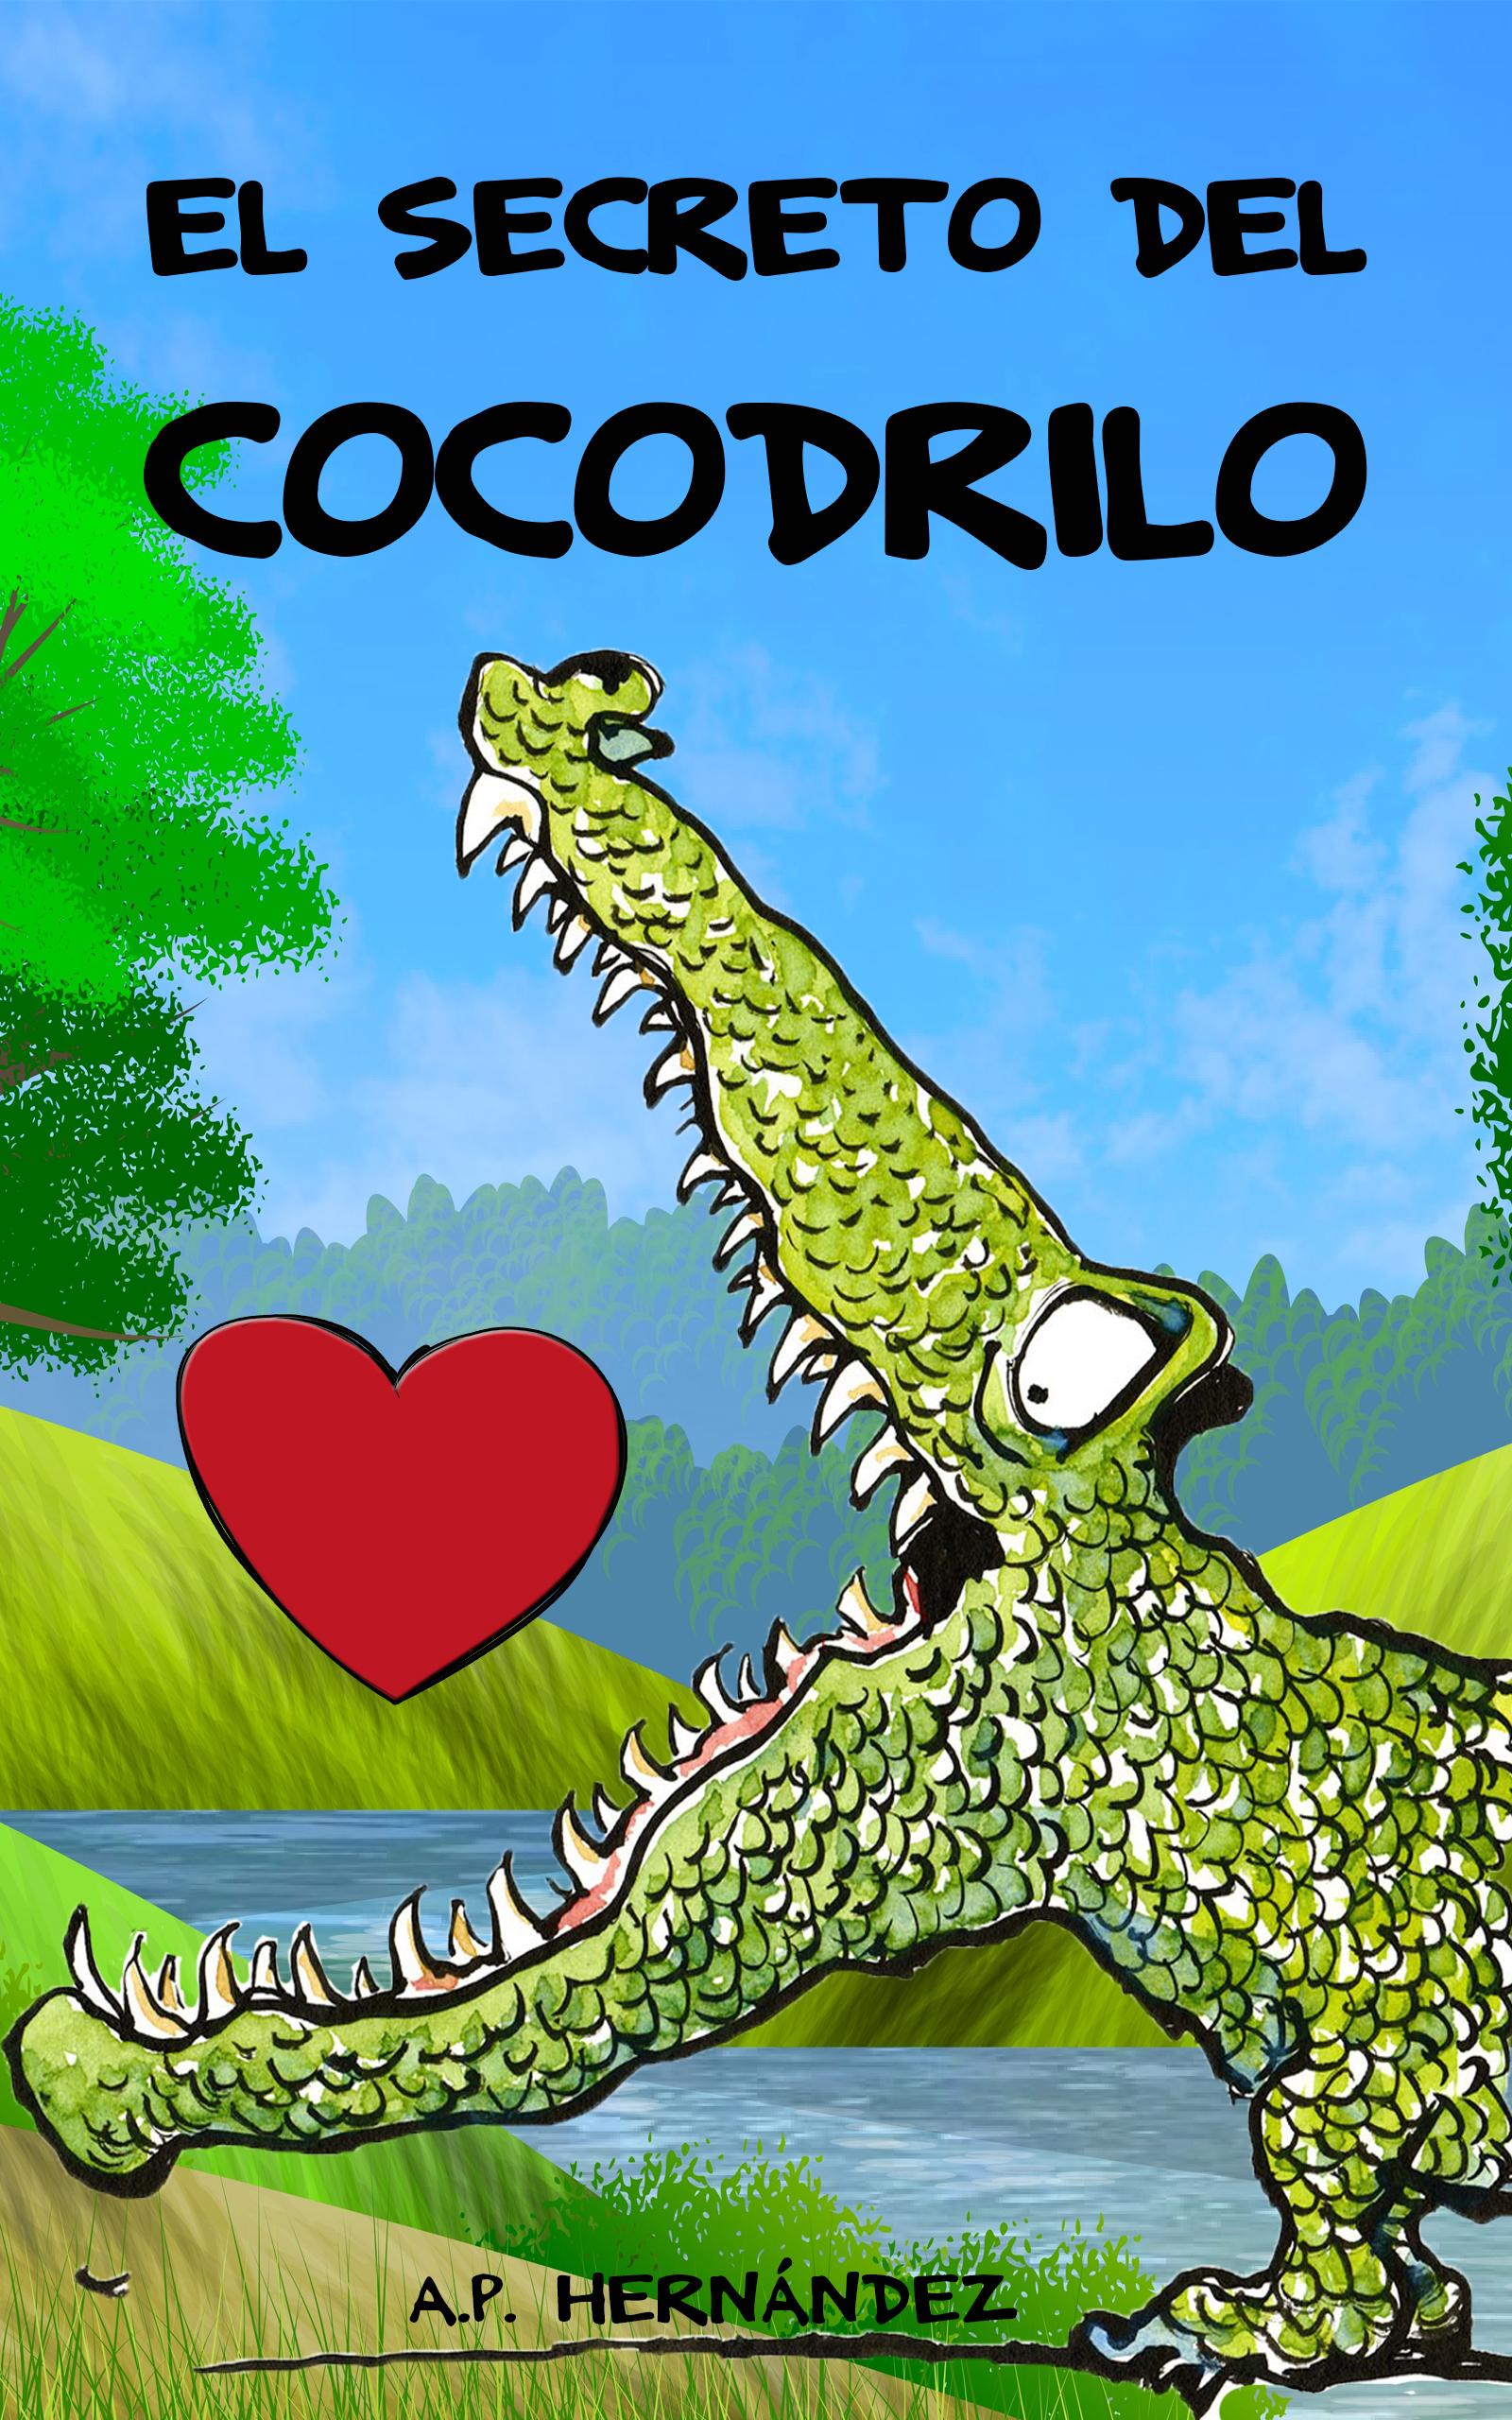 El secreto del cocodrilo